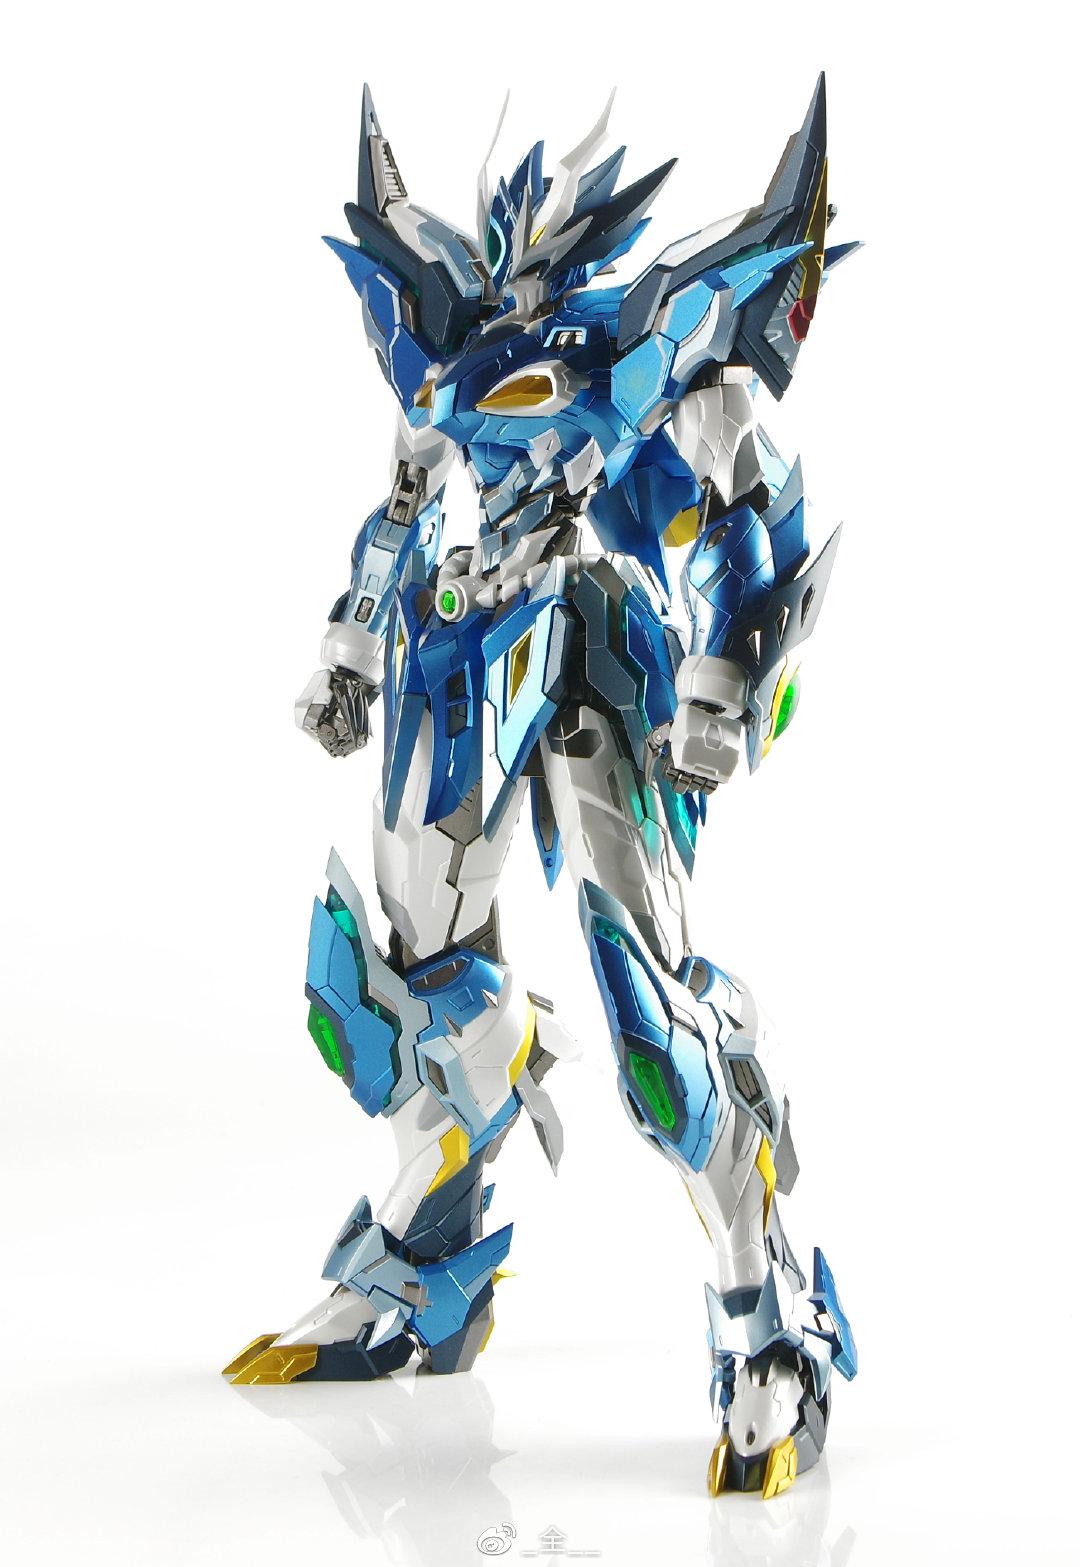 S470_MOTOR_NUCLEAR_MN_Q03_blue_gragon_ao_bing_di_hui_xing_han_long_zi_015.jpg